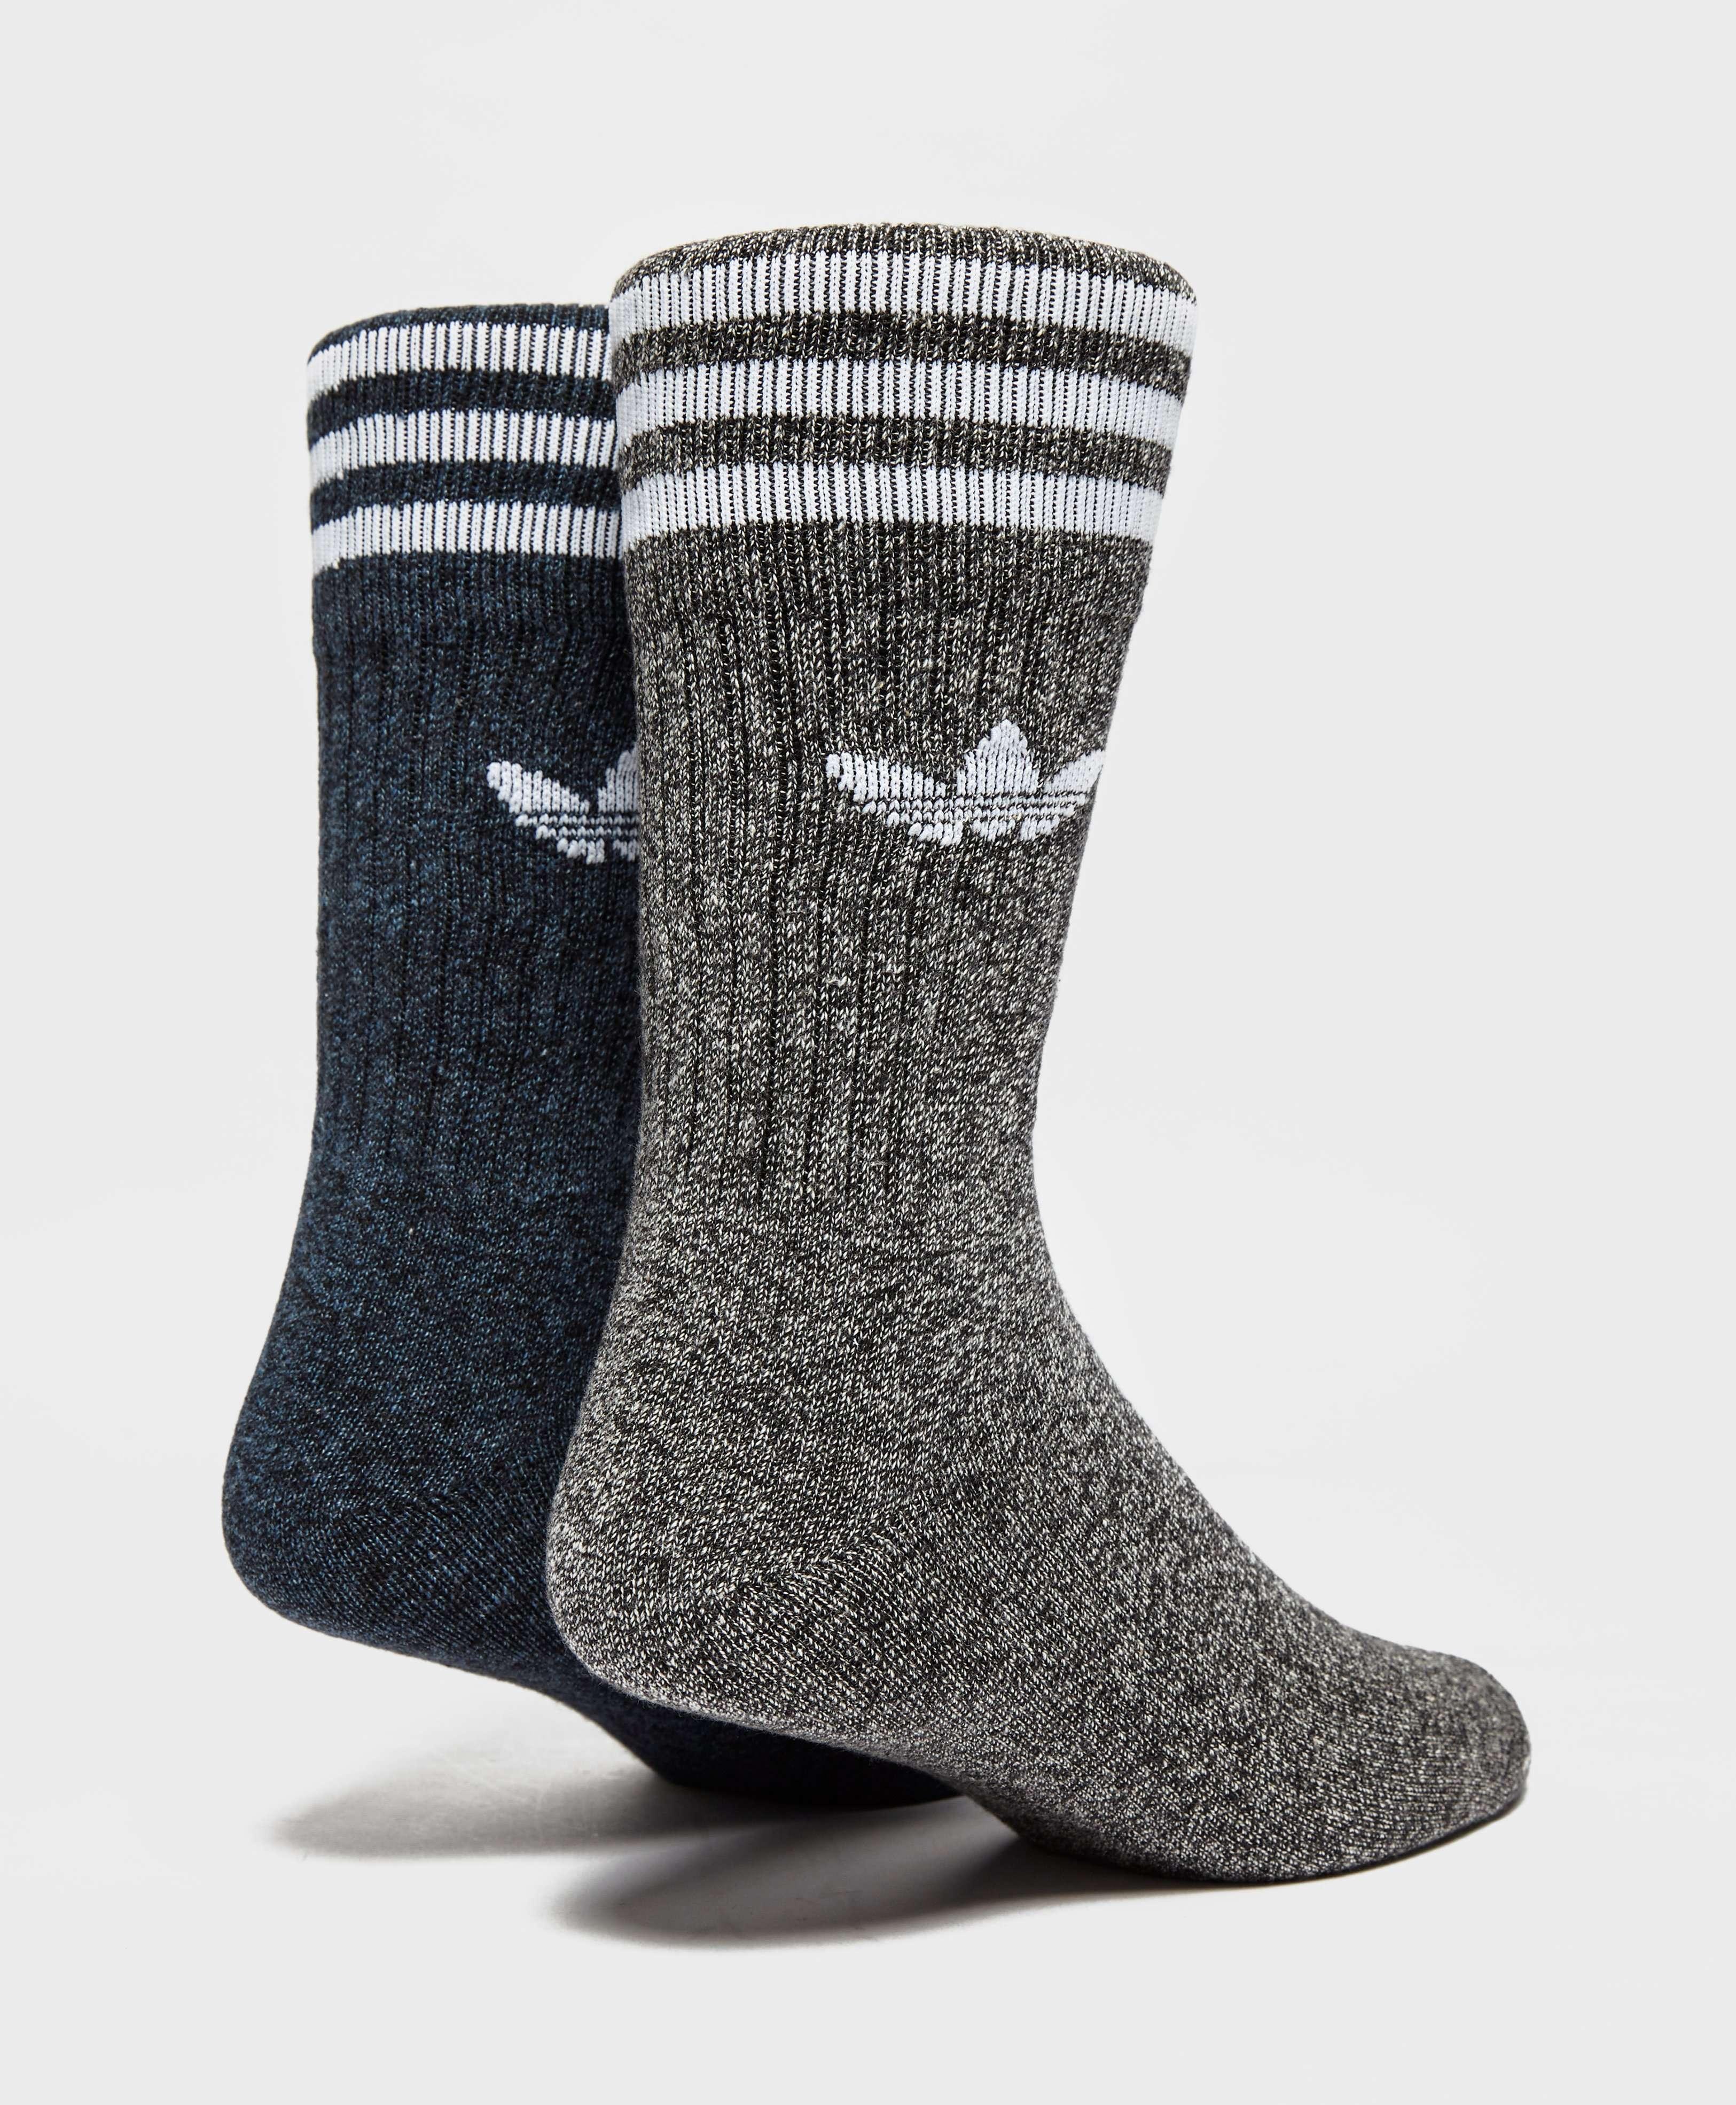 Adidas originali 2 le calze melange grey scotts maschili